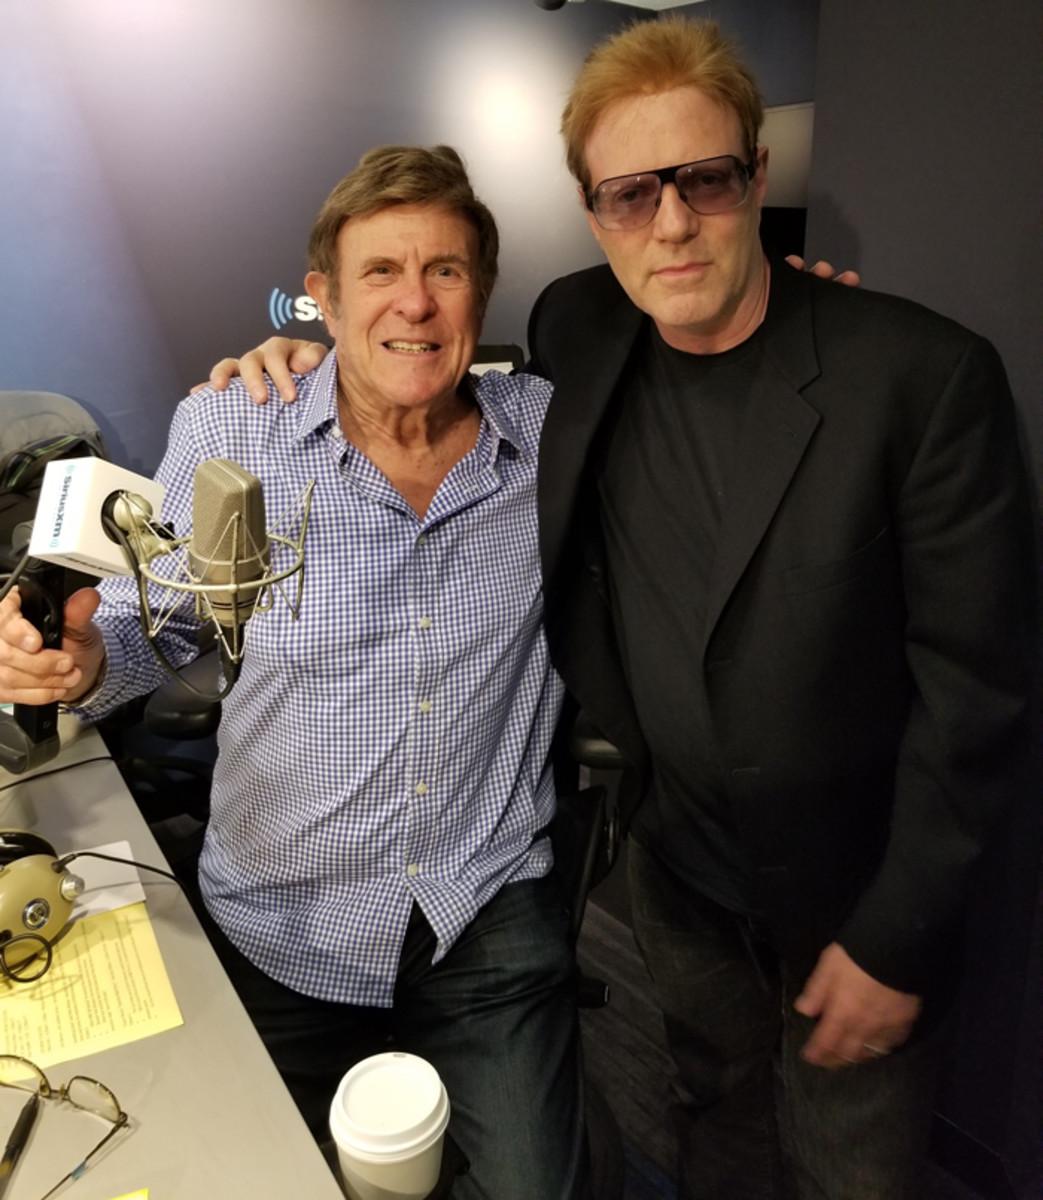 Cousin Brucie (Bruce Morrow) and John (Jay Jay) French at SiriusXM radio studios. Photo courtesy of John French.